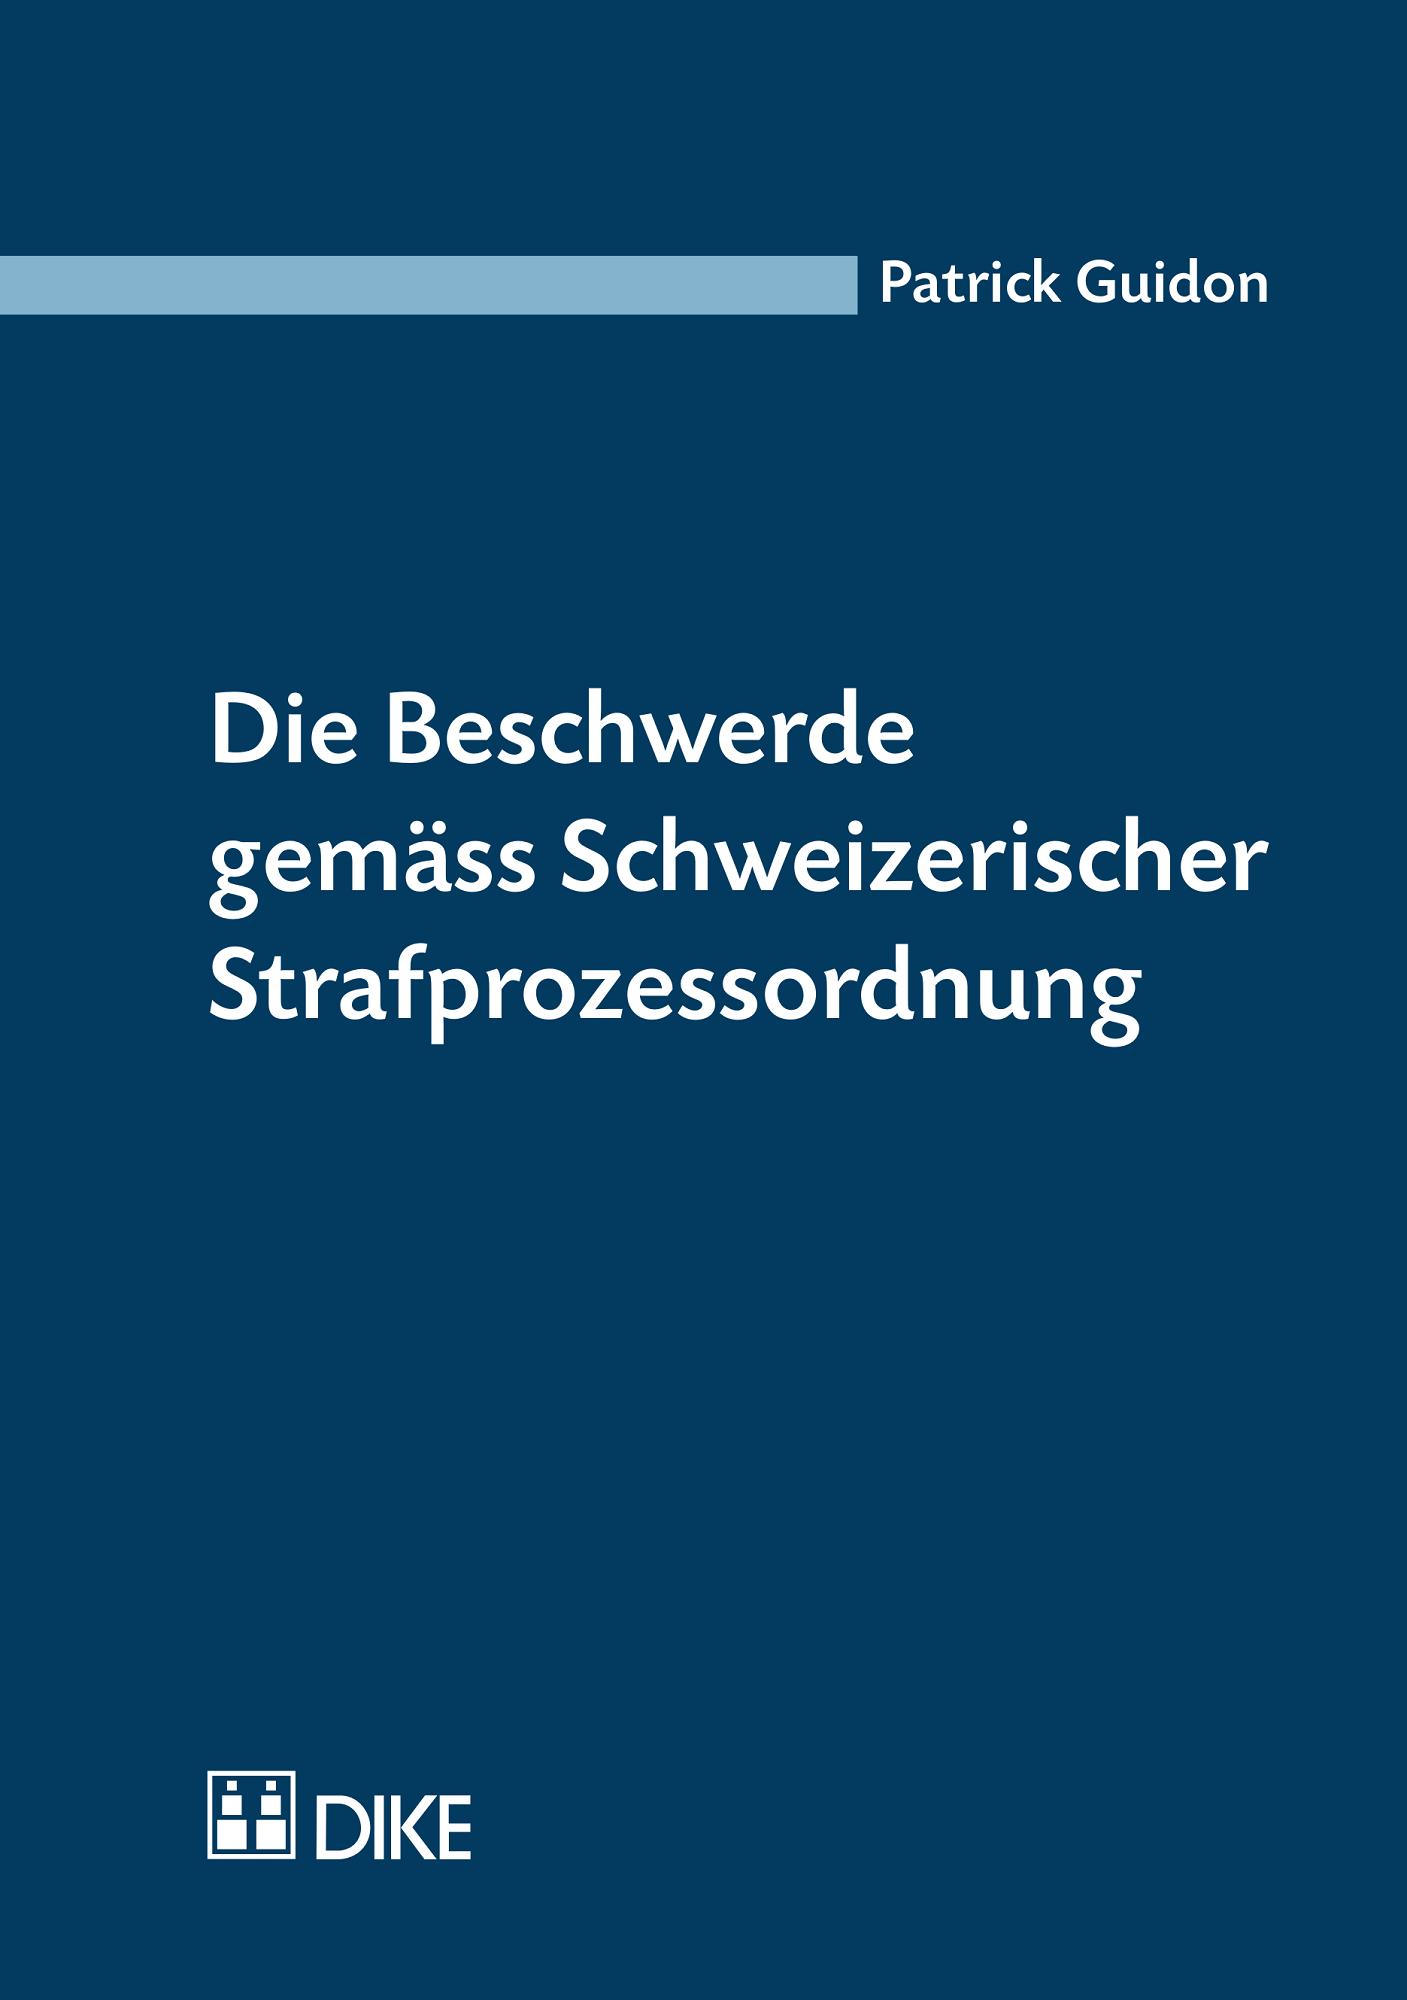 Die Beschwerde gemäss Schweizerischer Strafprozessordnung